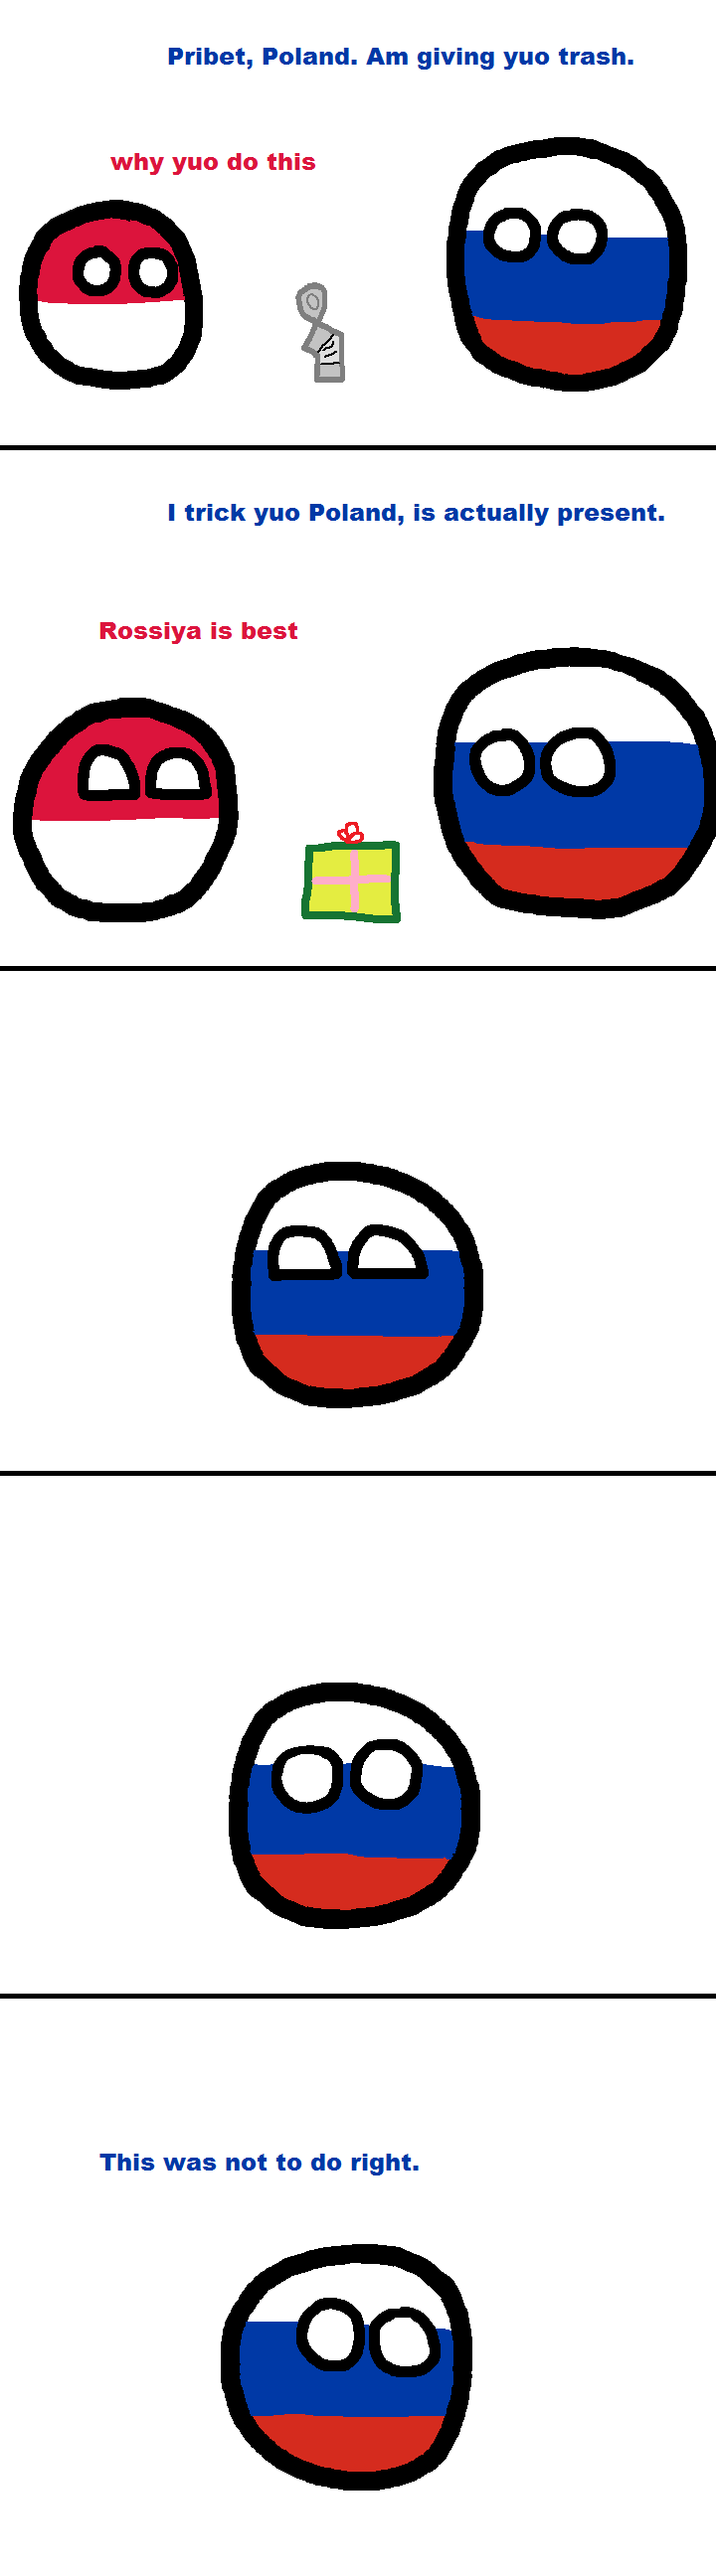 Russia didn't read the checklist